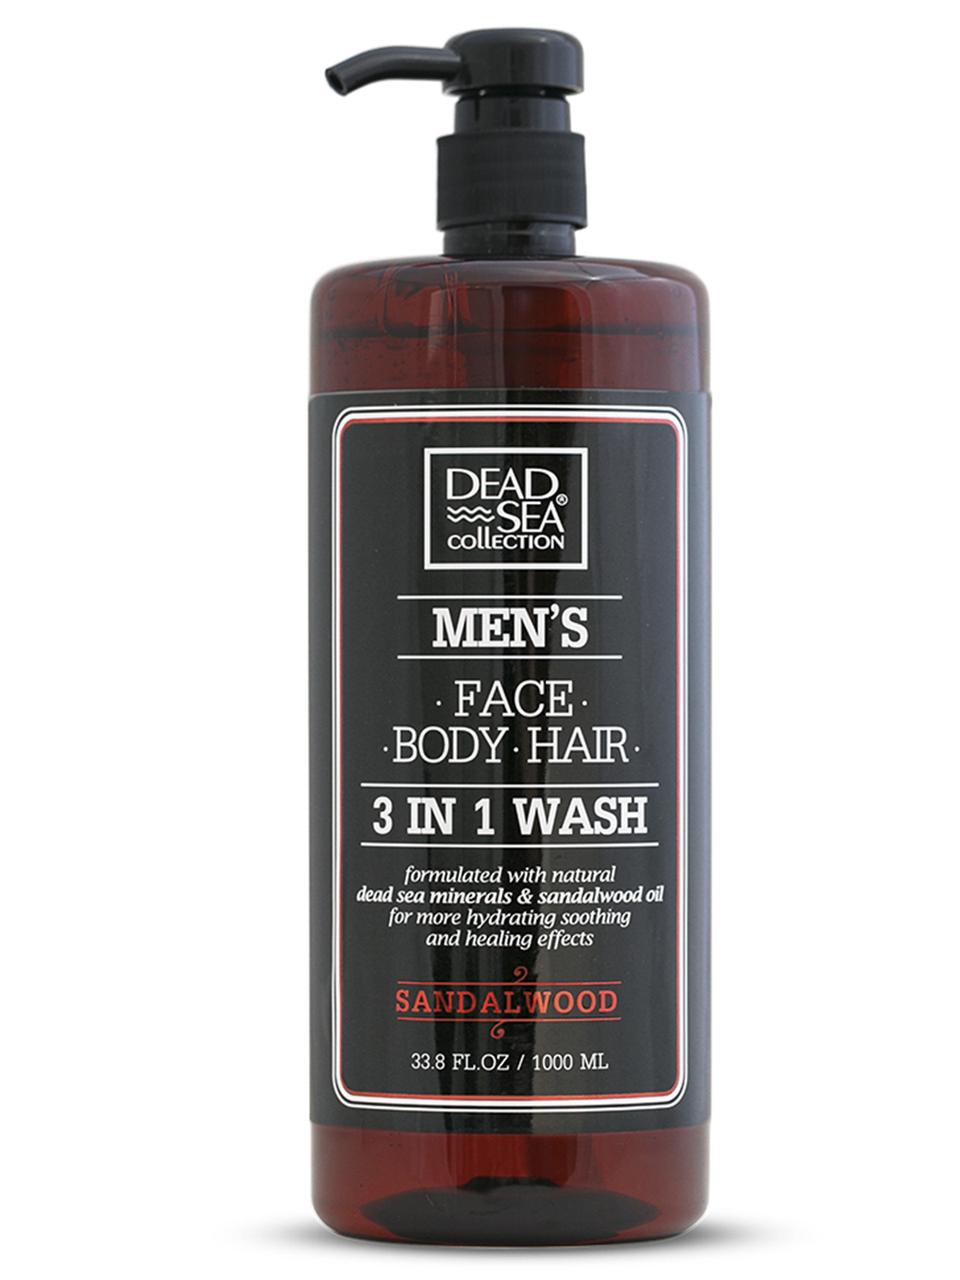 Гель для душа, волос и лица Dead Sea Collection Sandalwood для мужчин 3в1 1000 мл